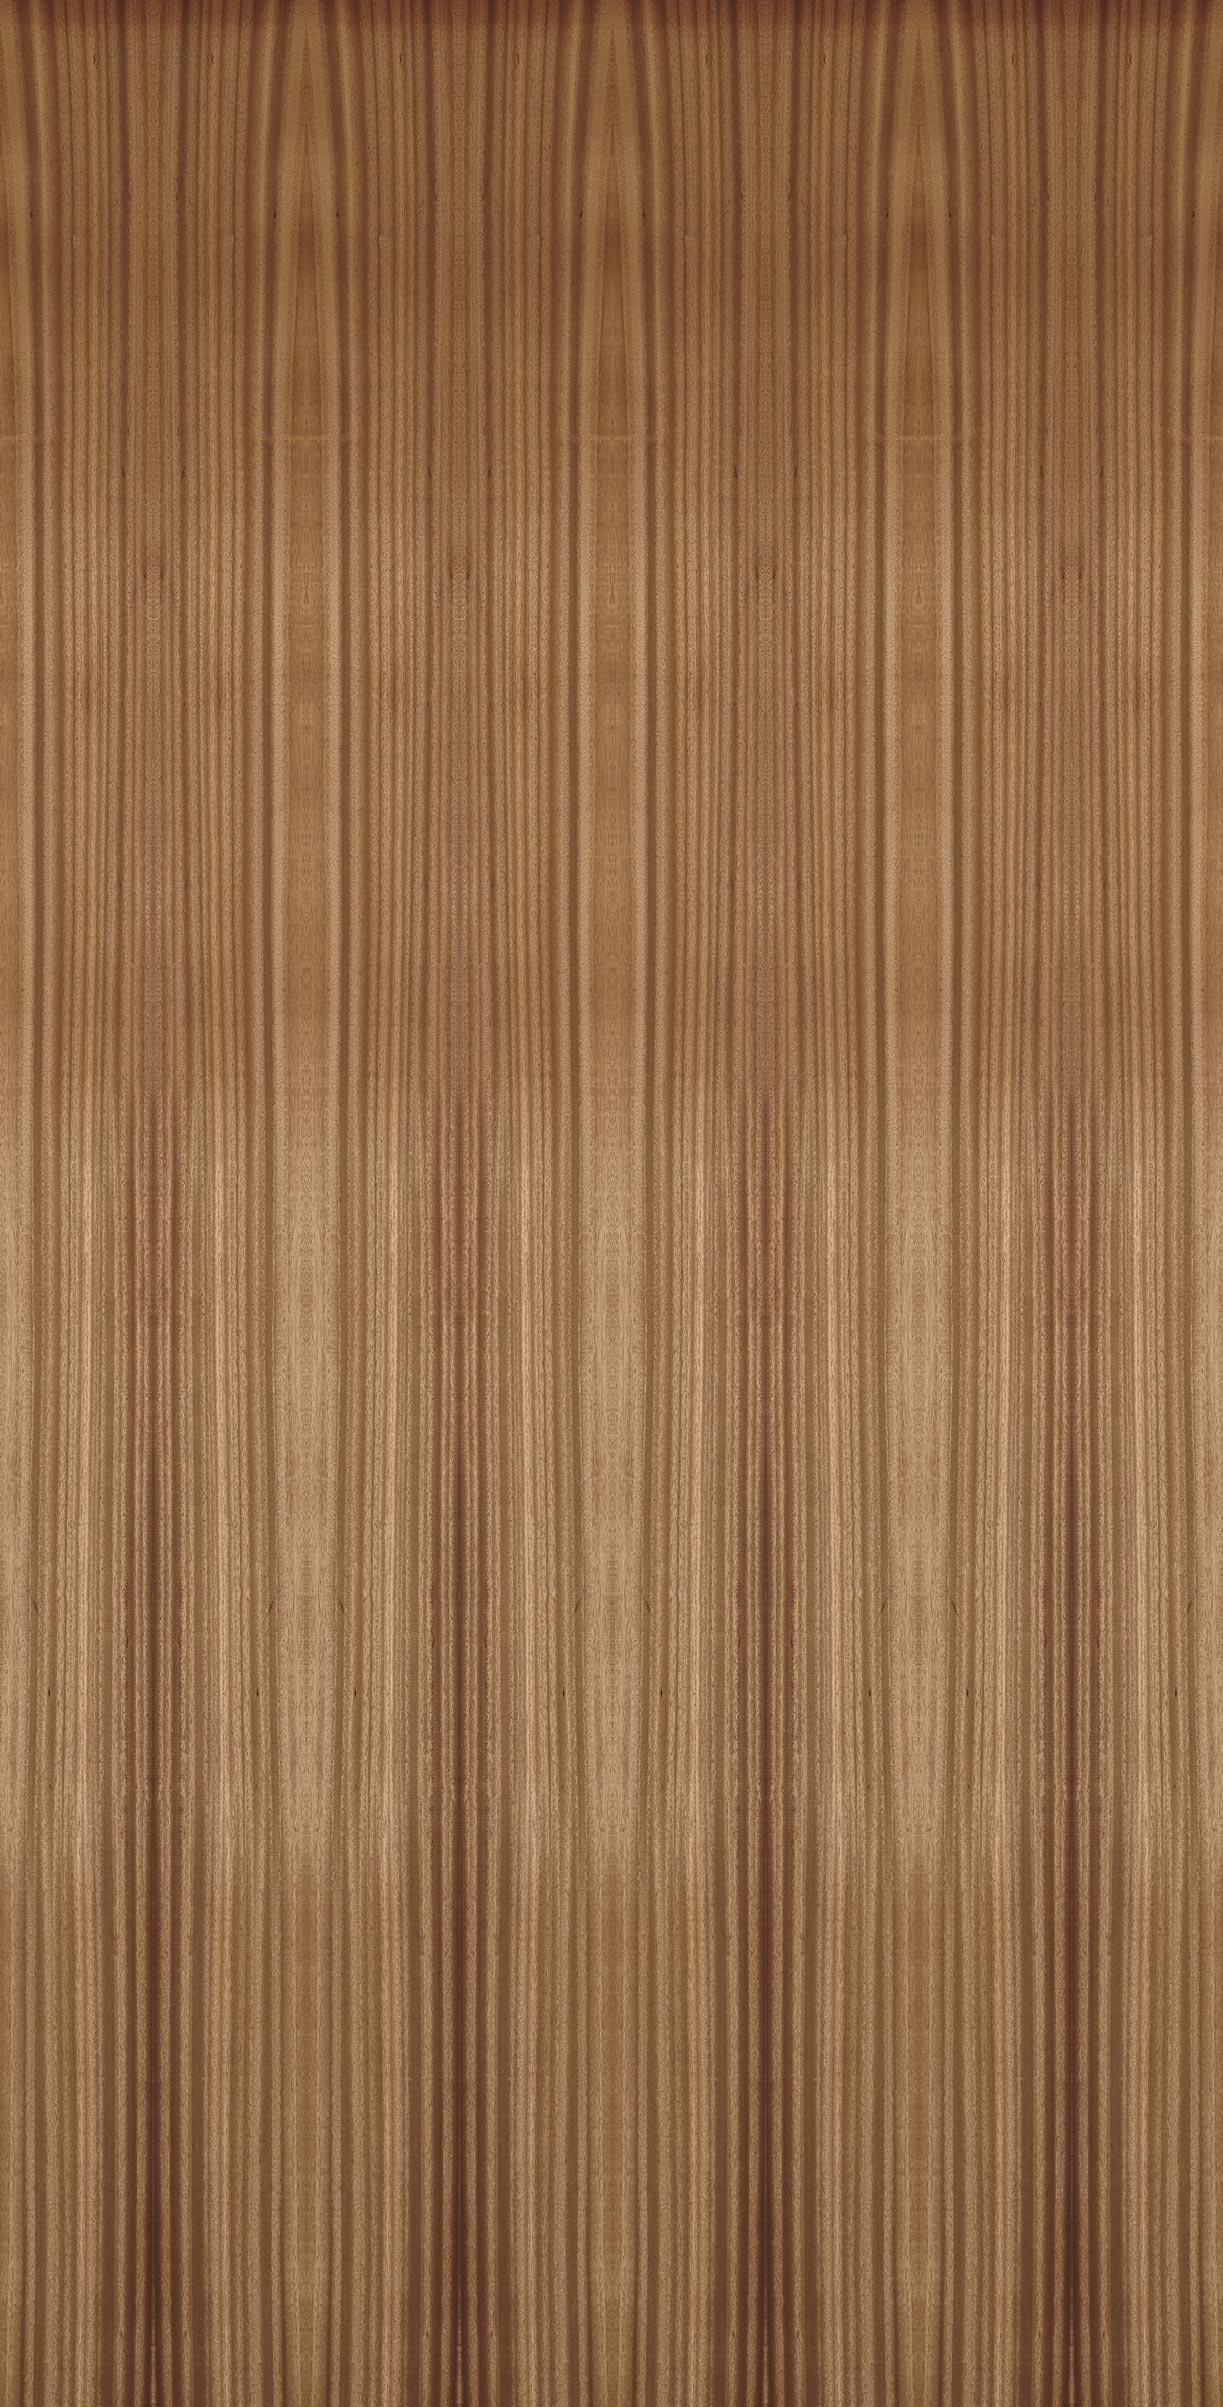 100 Brazilian Koa Tigerwood | Furniture Tiger Wood Tree ...